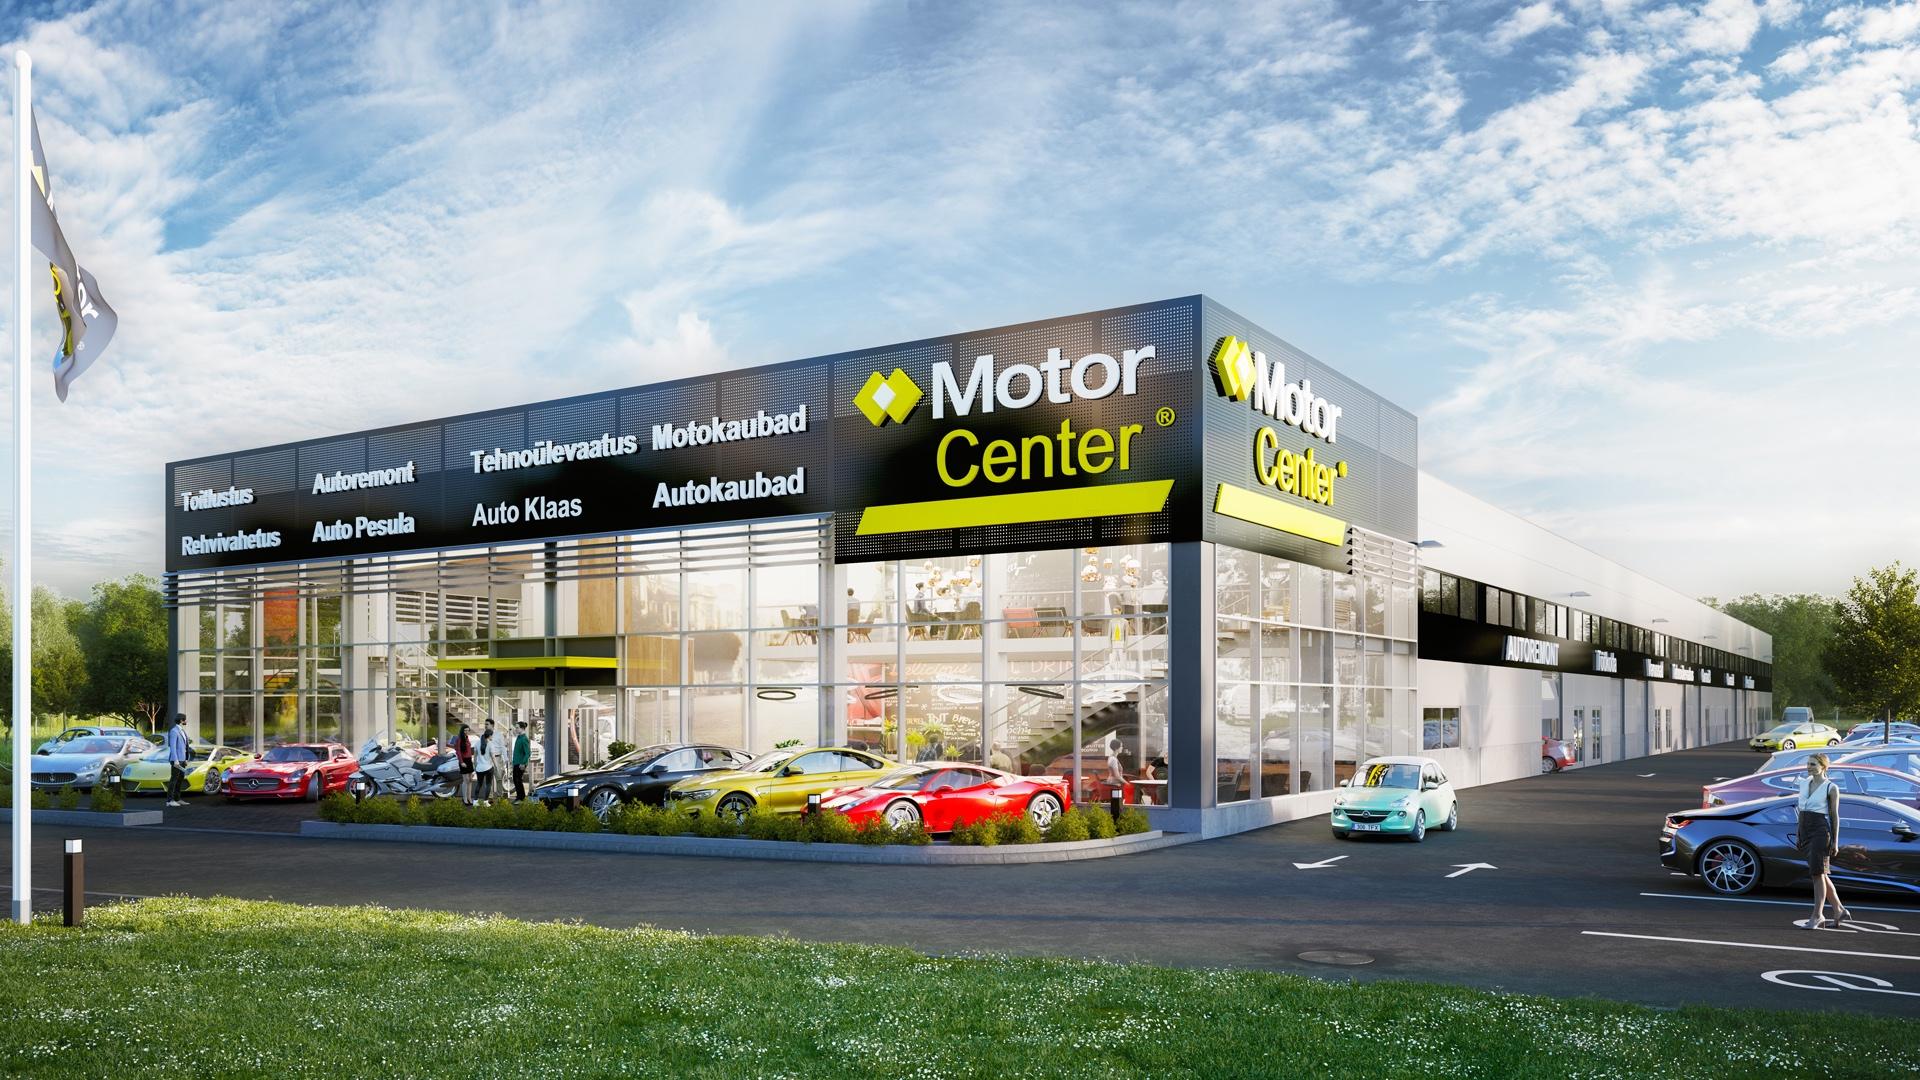 Motor Center